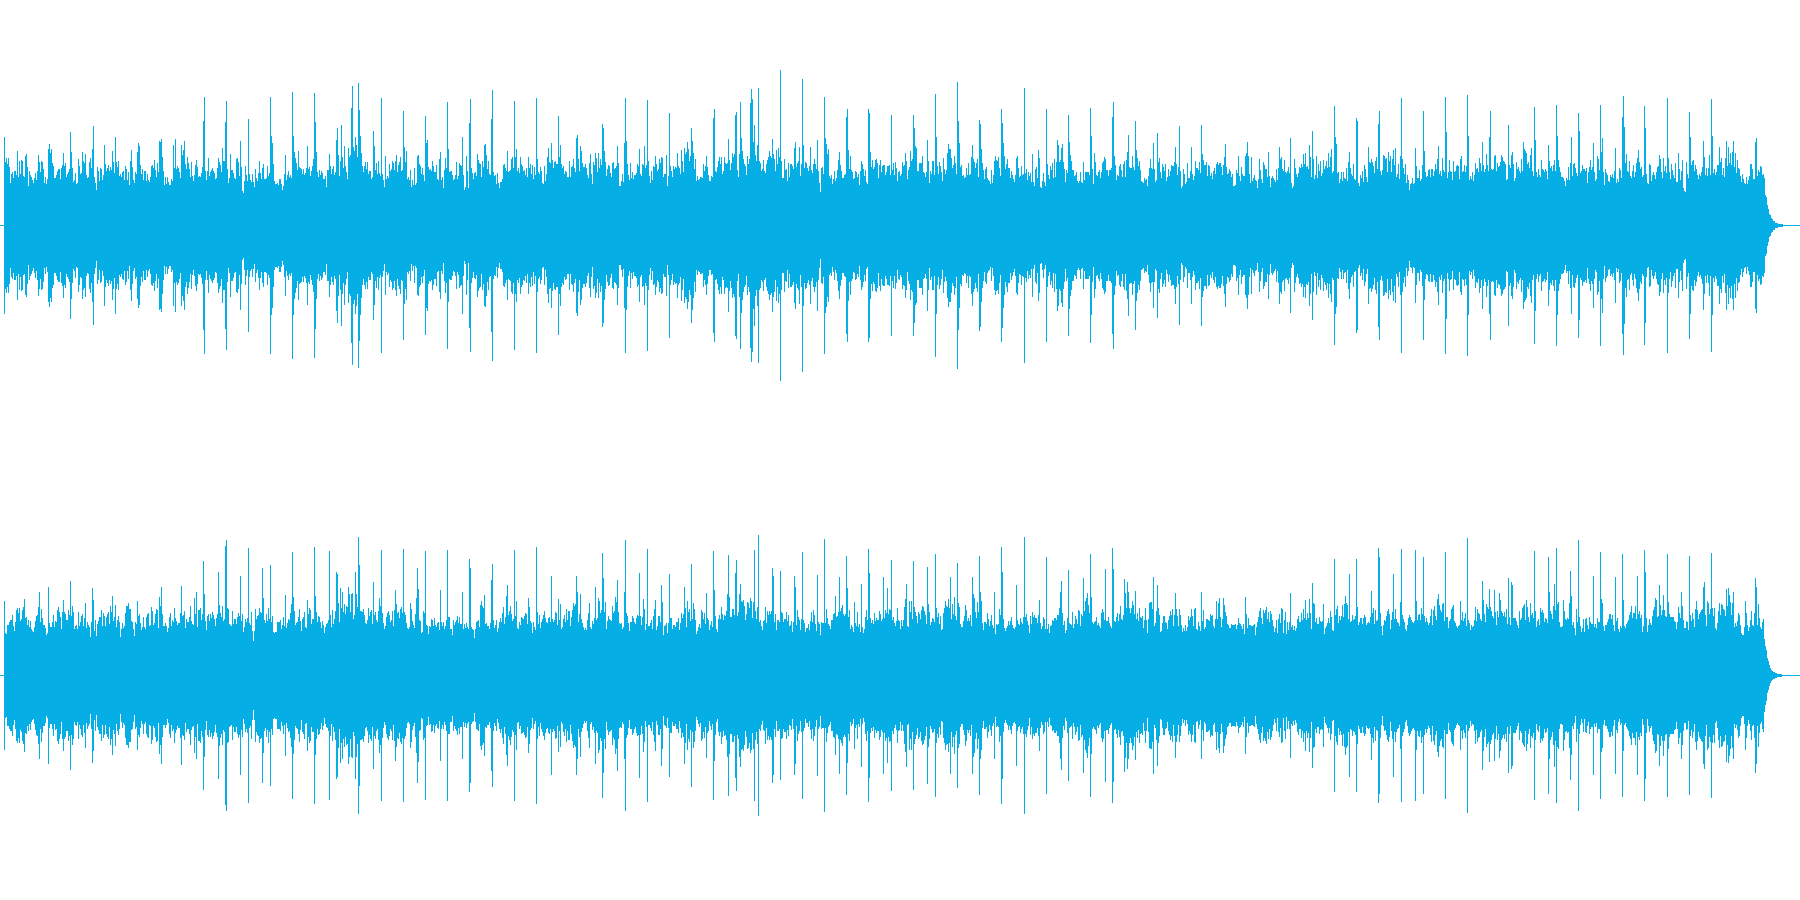 オーケストラ、ファンタジー系BGMの再生済みの波形